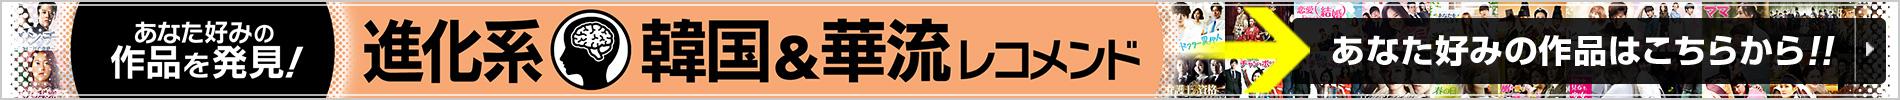 あなた好みの作品を発見! 進化系 韓国&華流レコメンド